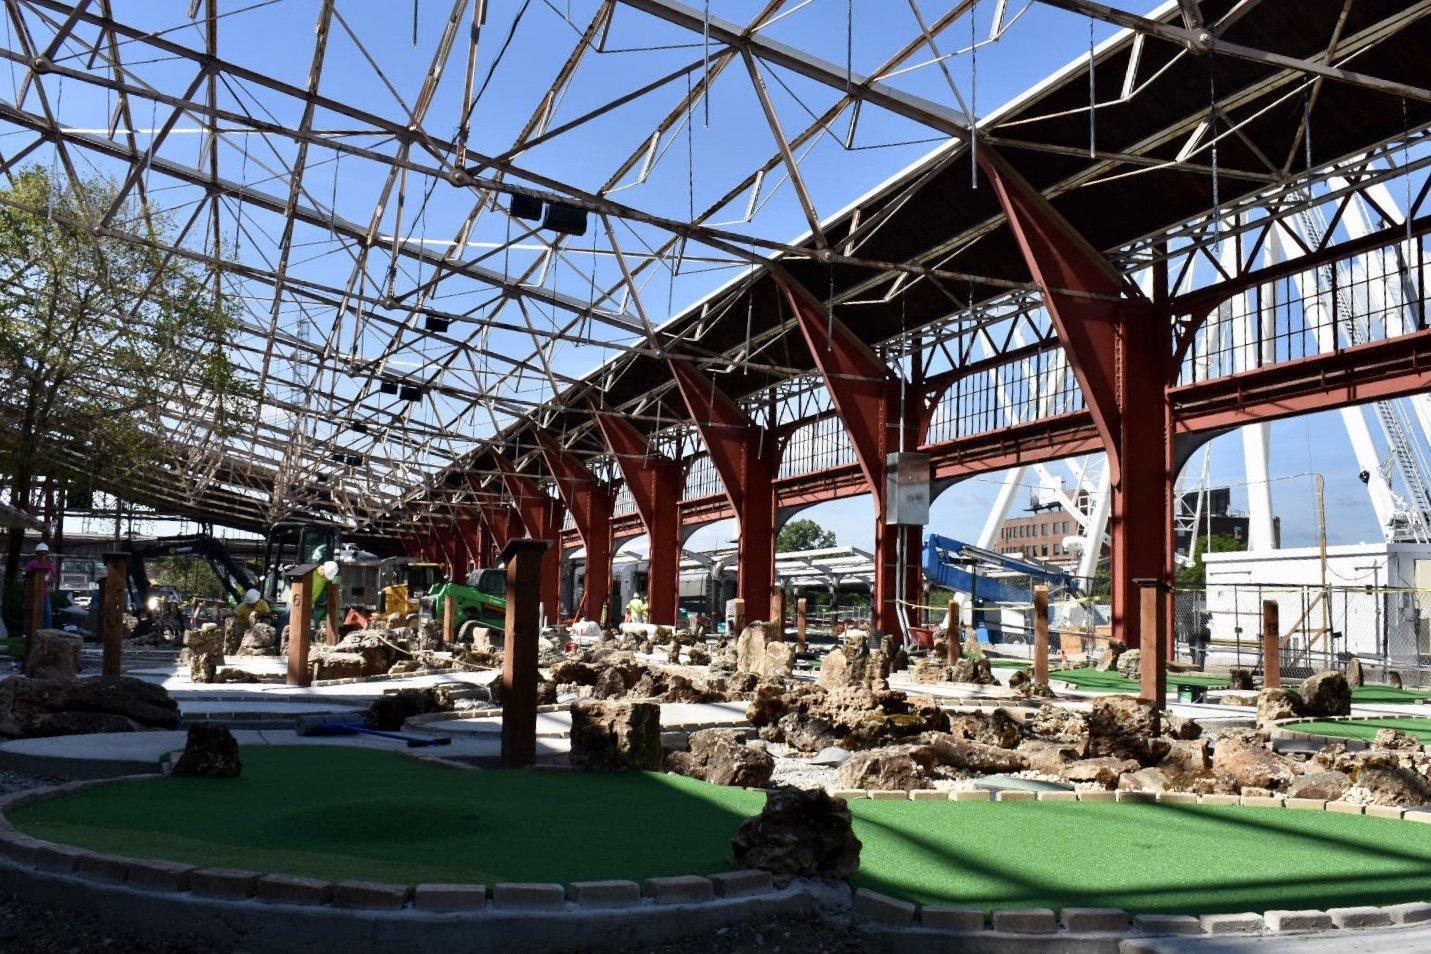 St  Louis Aquarium update: Ferris wheel base is up, mini